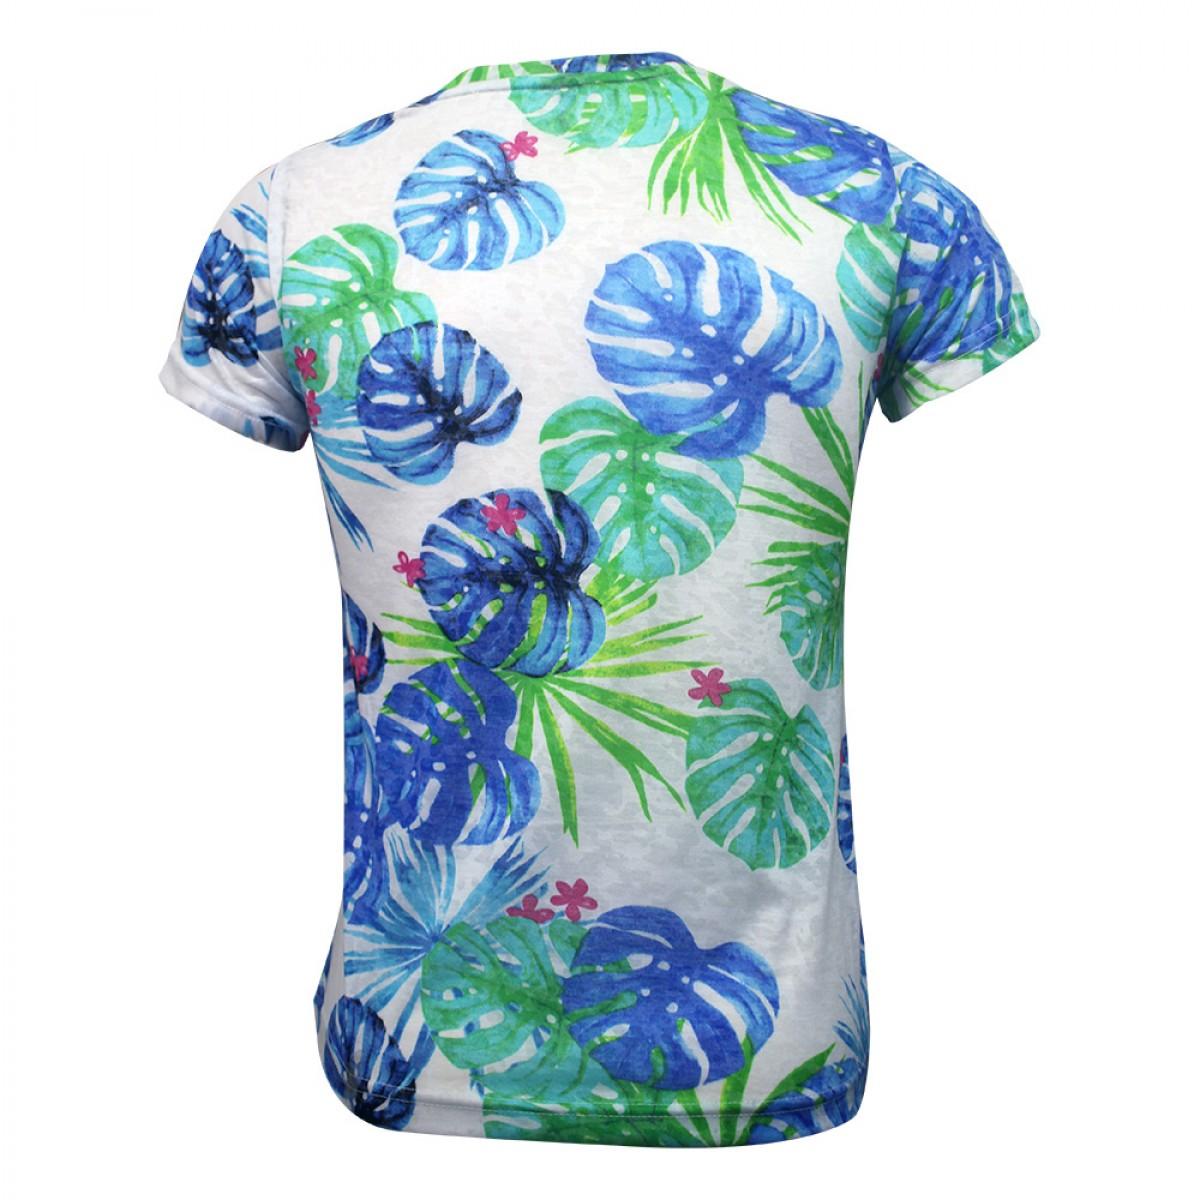 women-round-neck-t-shirt-krt06864-5c